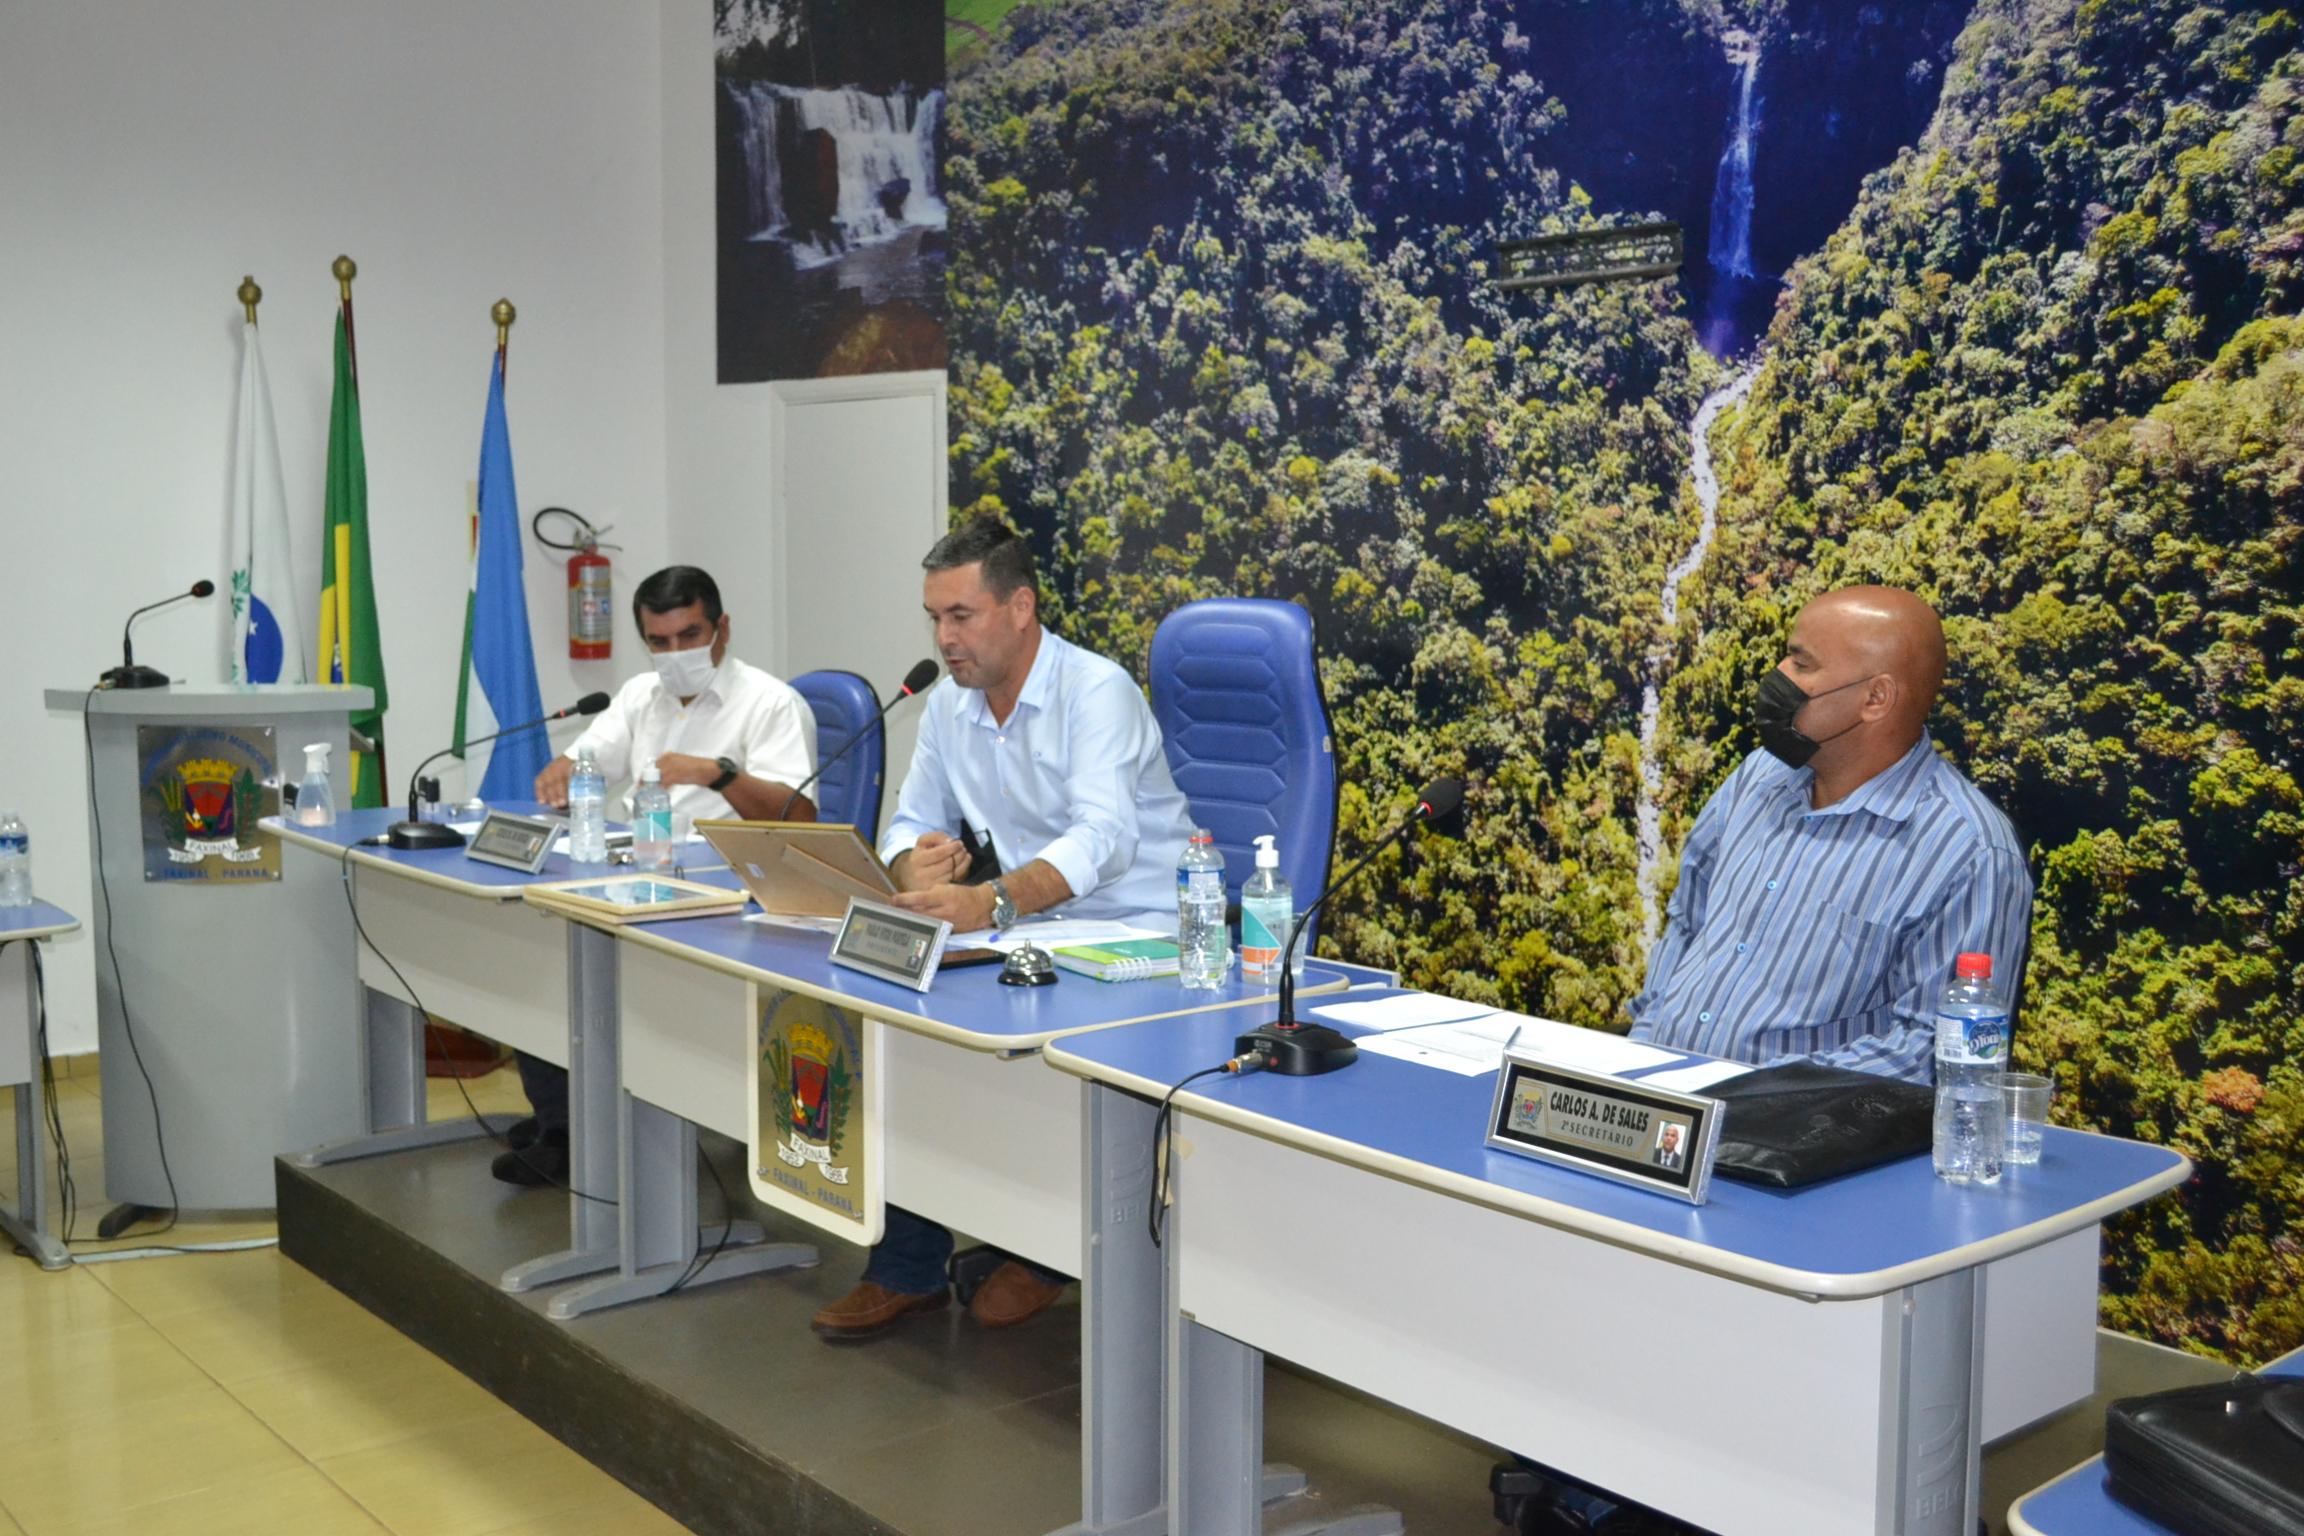 Integrantes da Mesa Diretora, presidida por Paulinho Portela